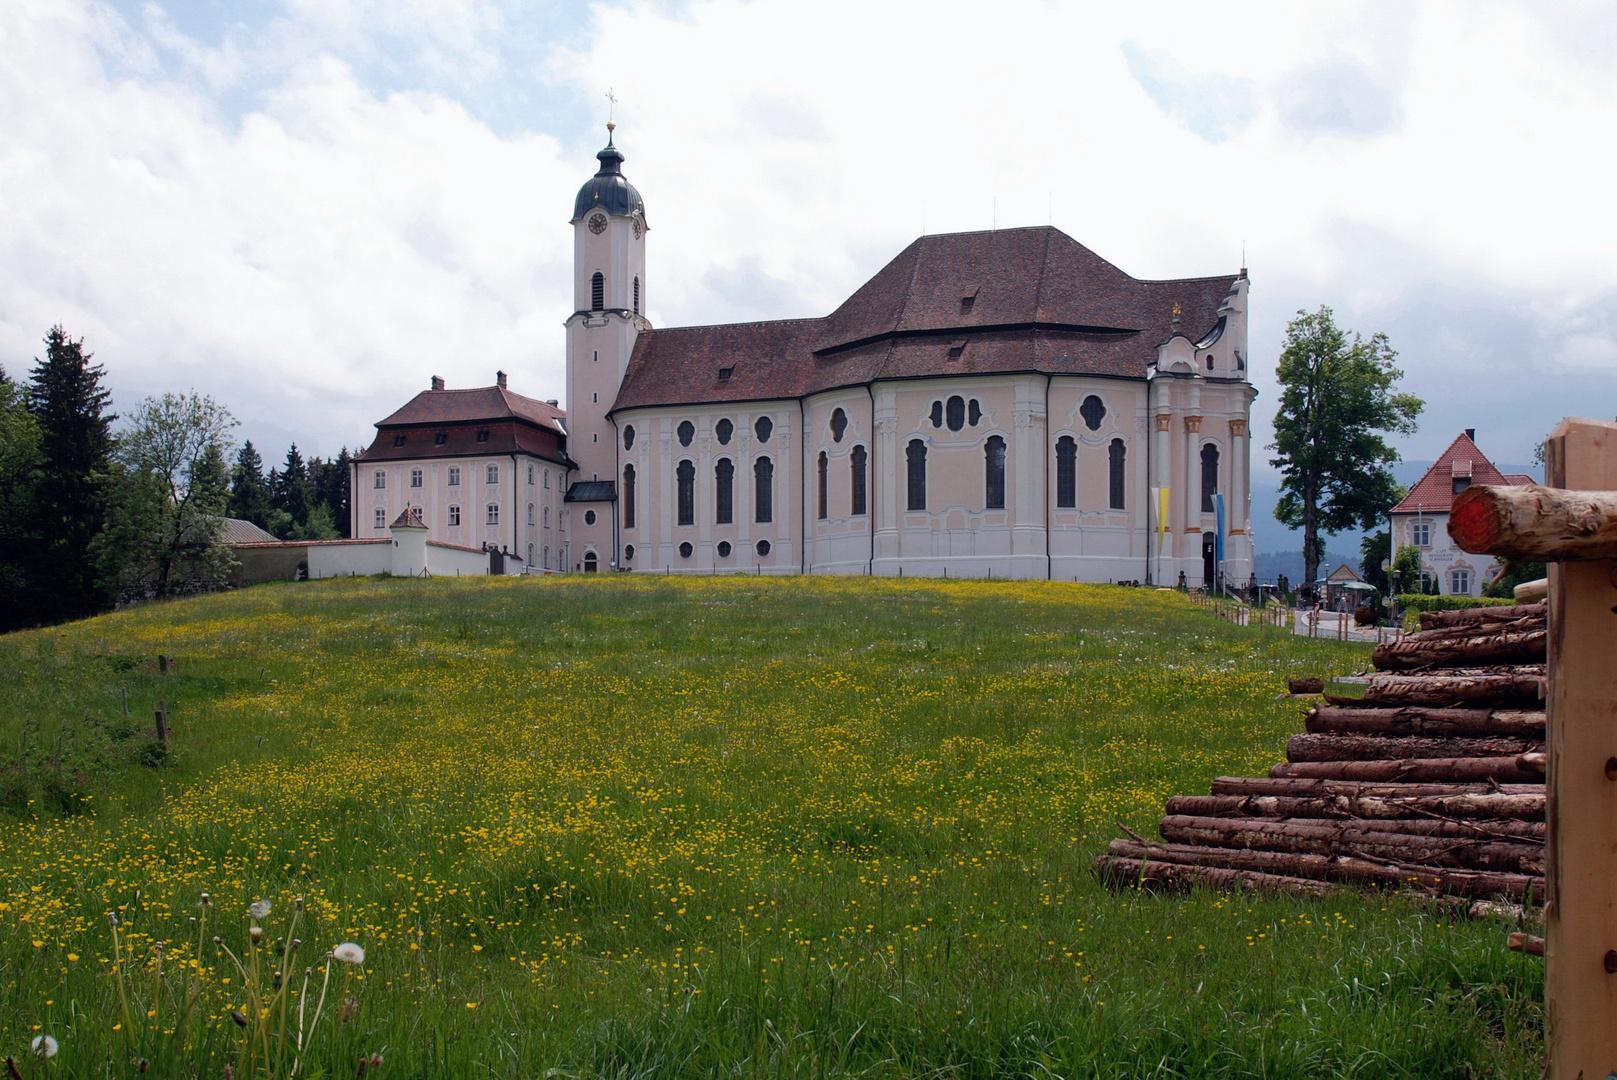 Die Wieskirche (ohne den störenden Draht)